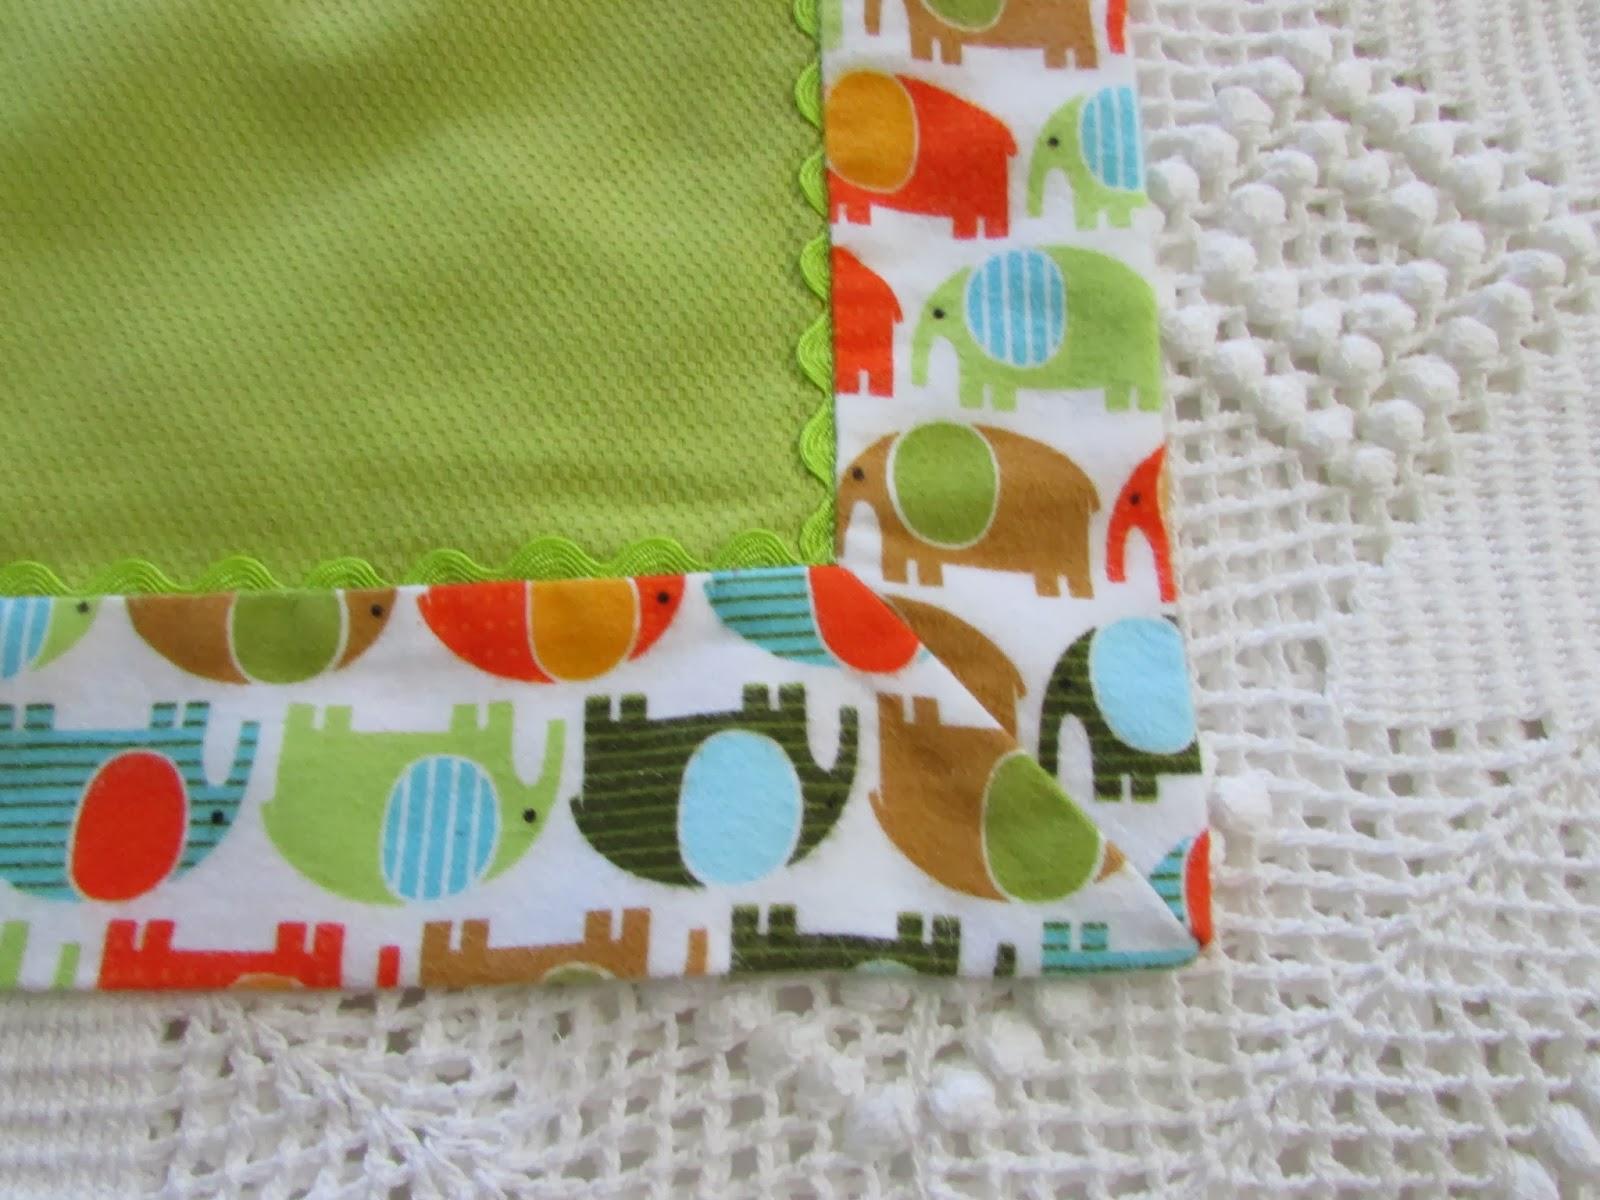 Taller creativo artesanal tutorial de s bana de beb con esquinas mitradas - Sabanas para bebes ...